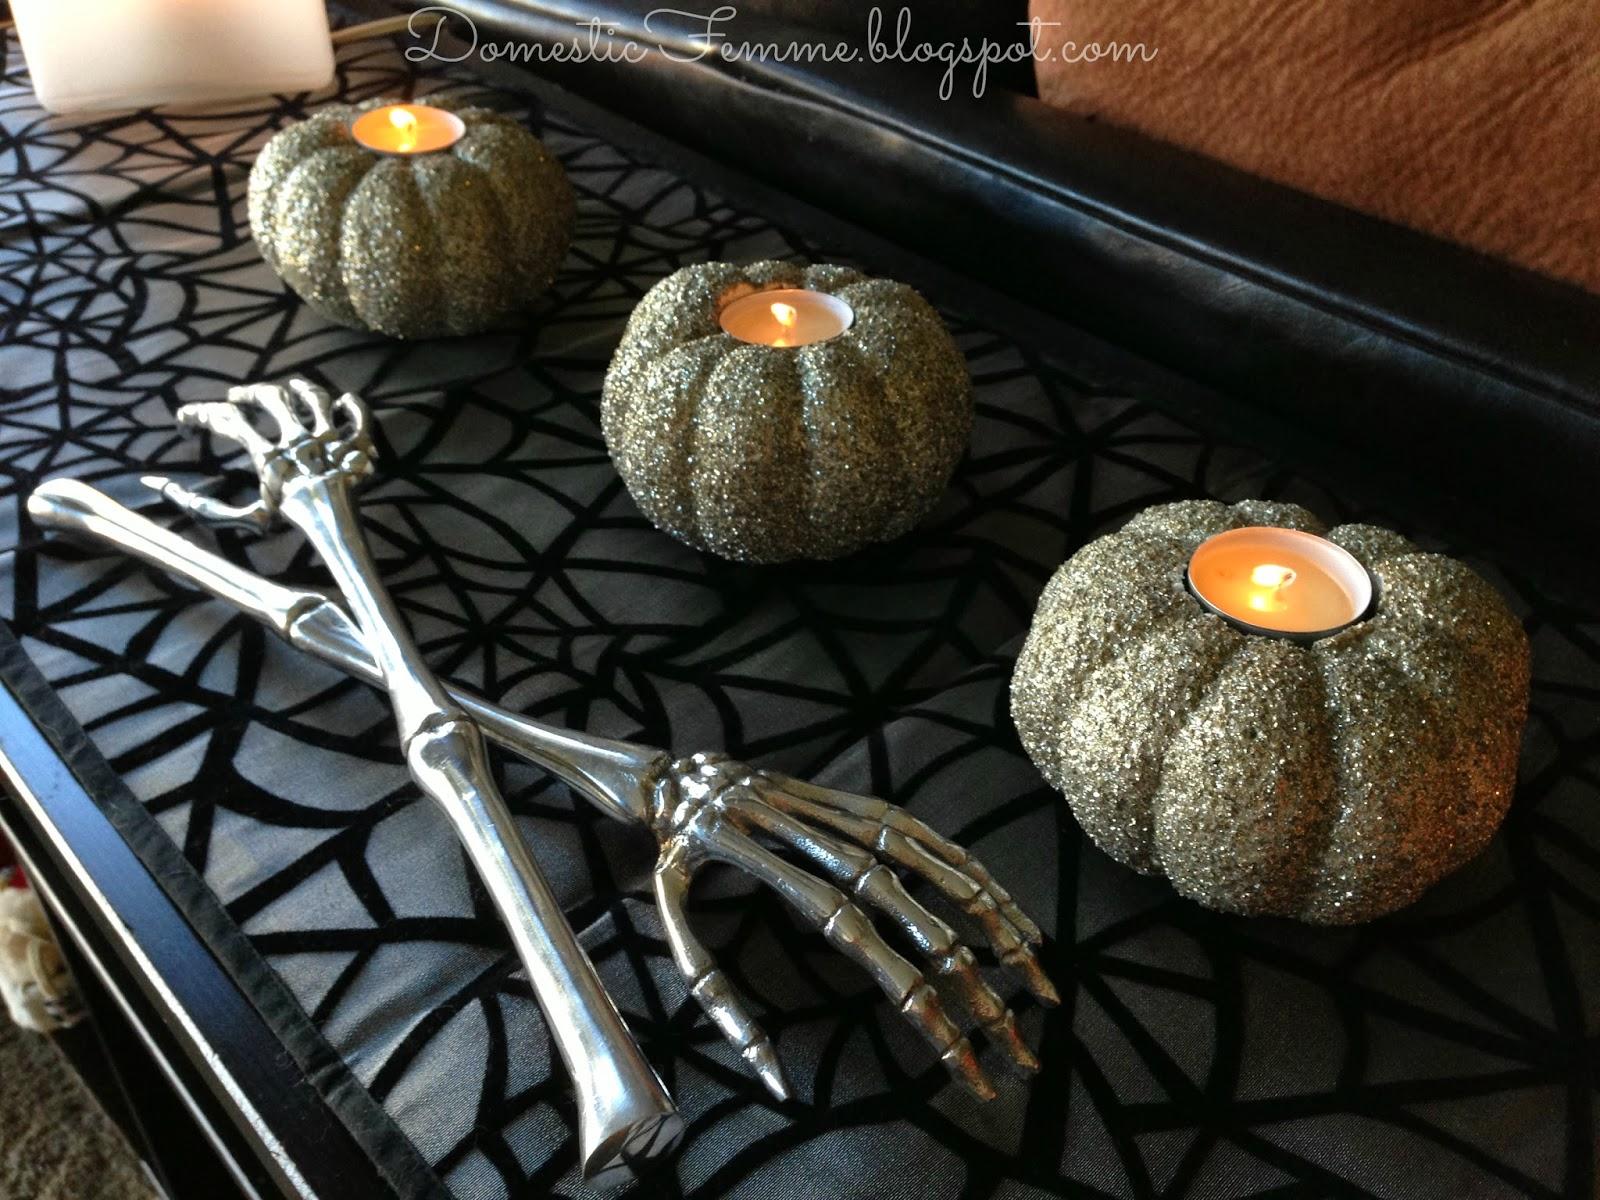 domestic femme easy diy halloween crafts. Black Bedroom Furniture Sets. Home Design Ideas